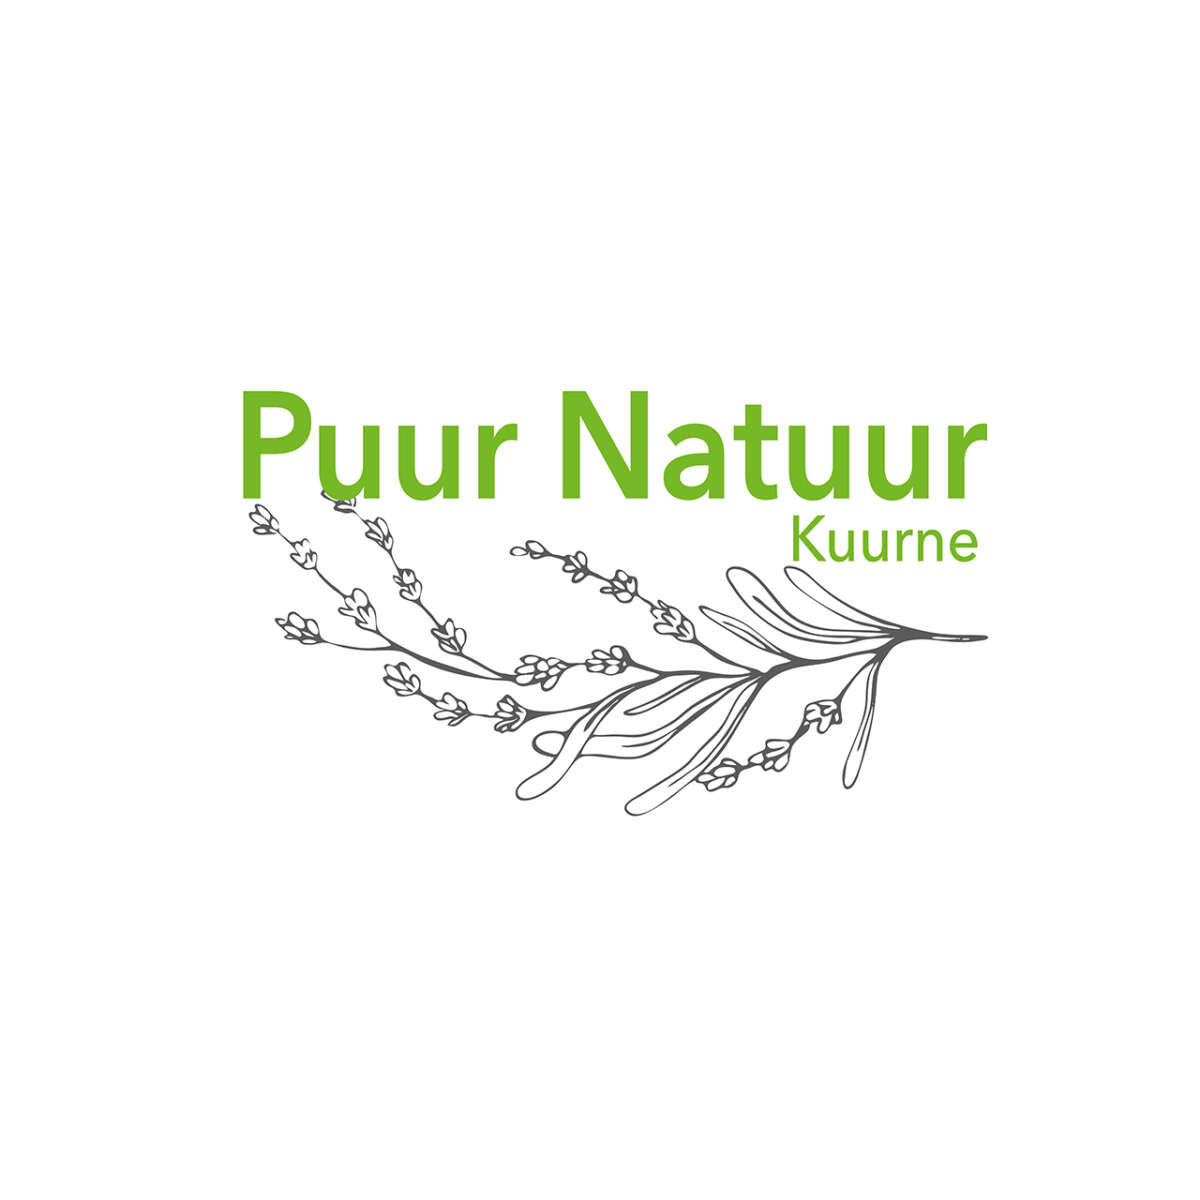 Puur natuur